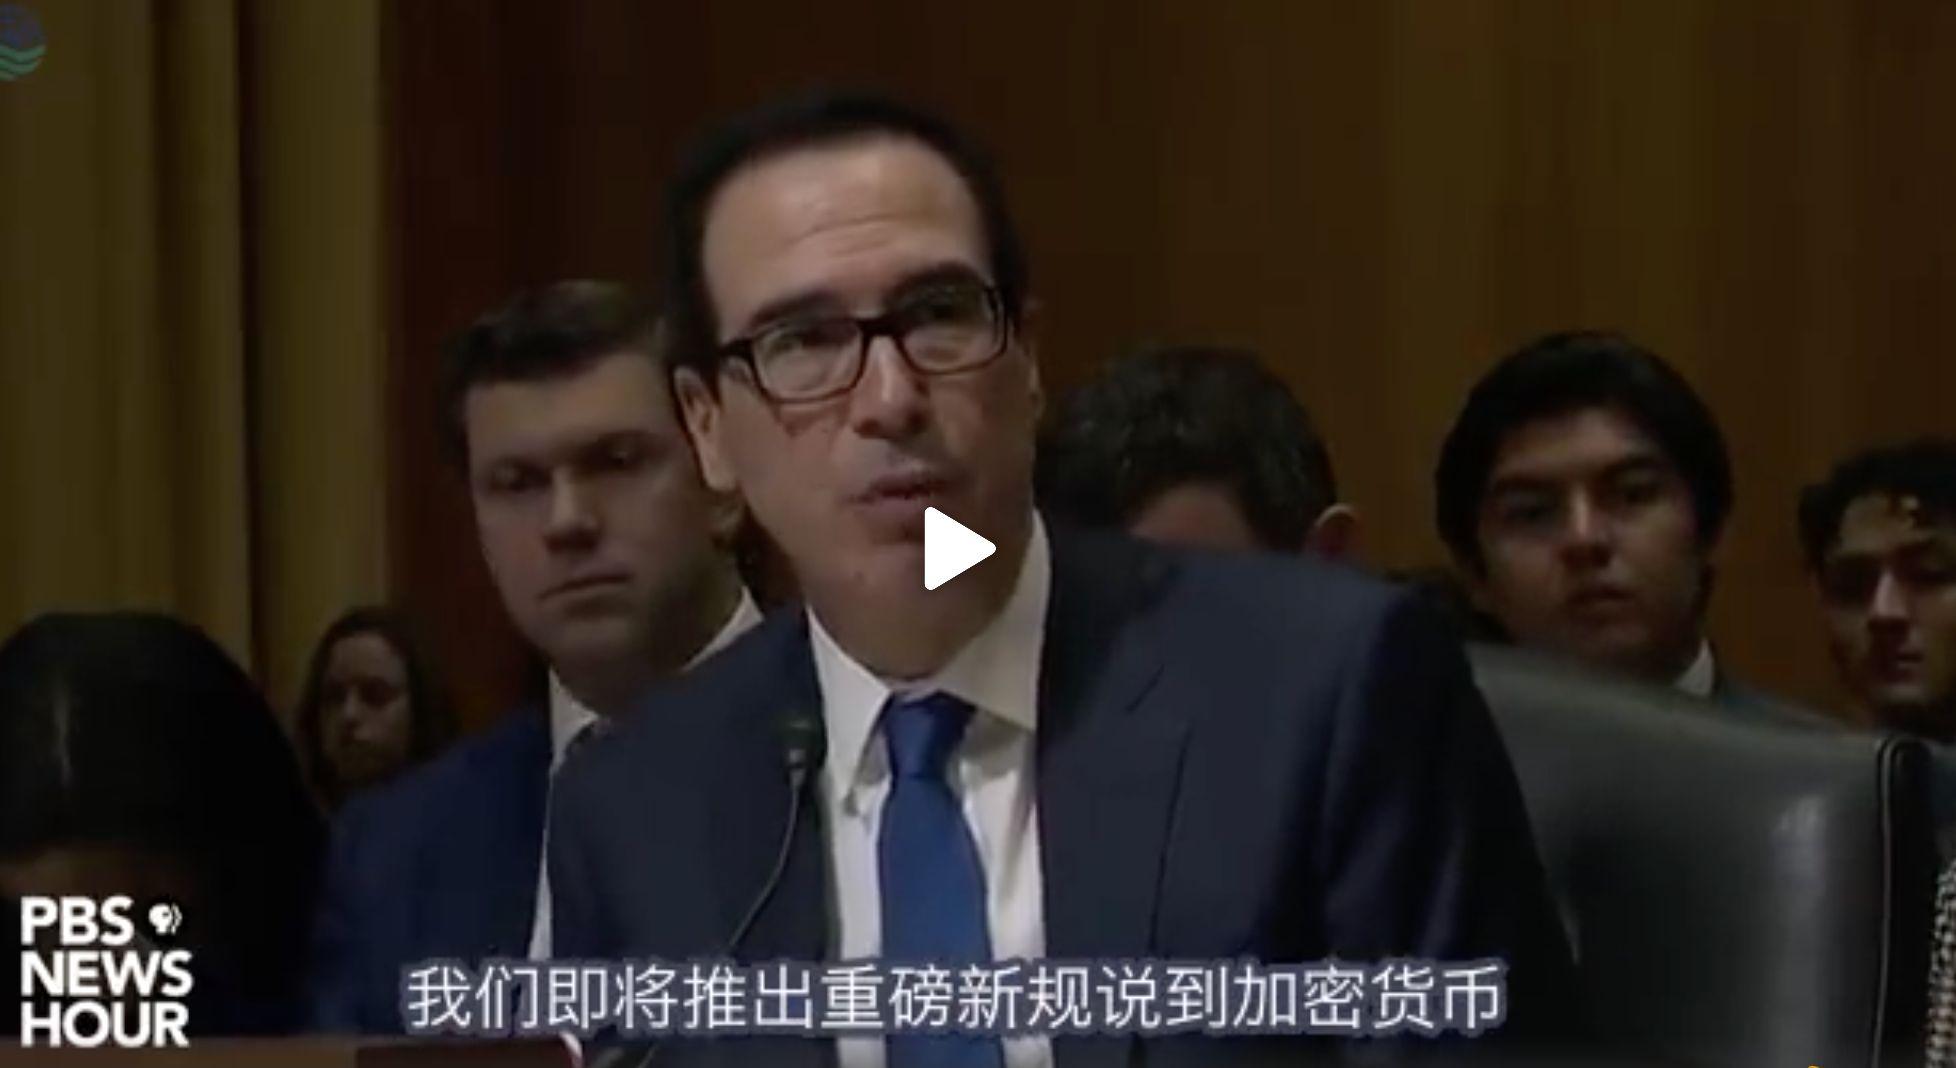 会瀑布吗?美财政部长对币圈的高能预警...